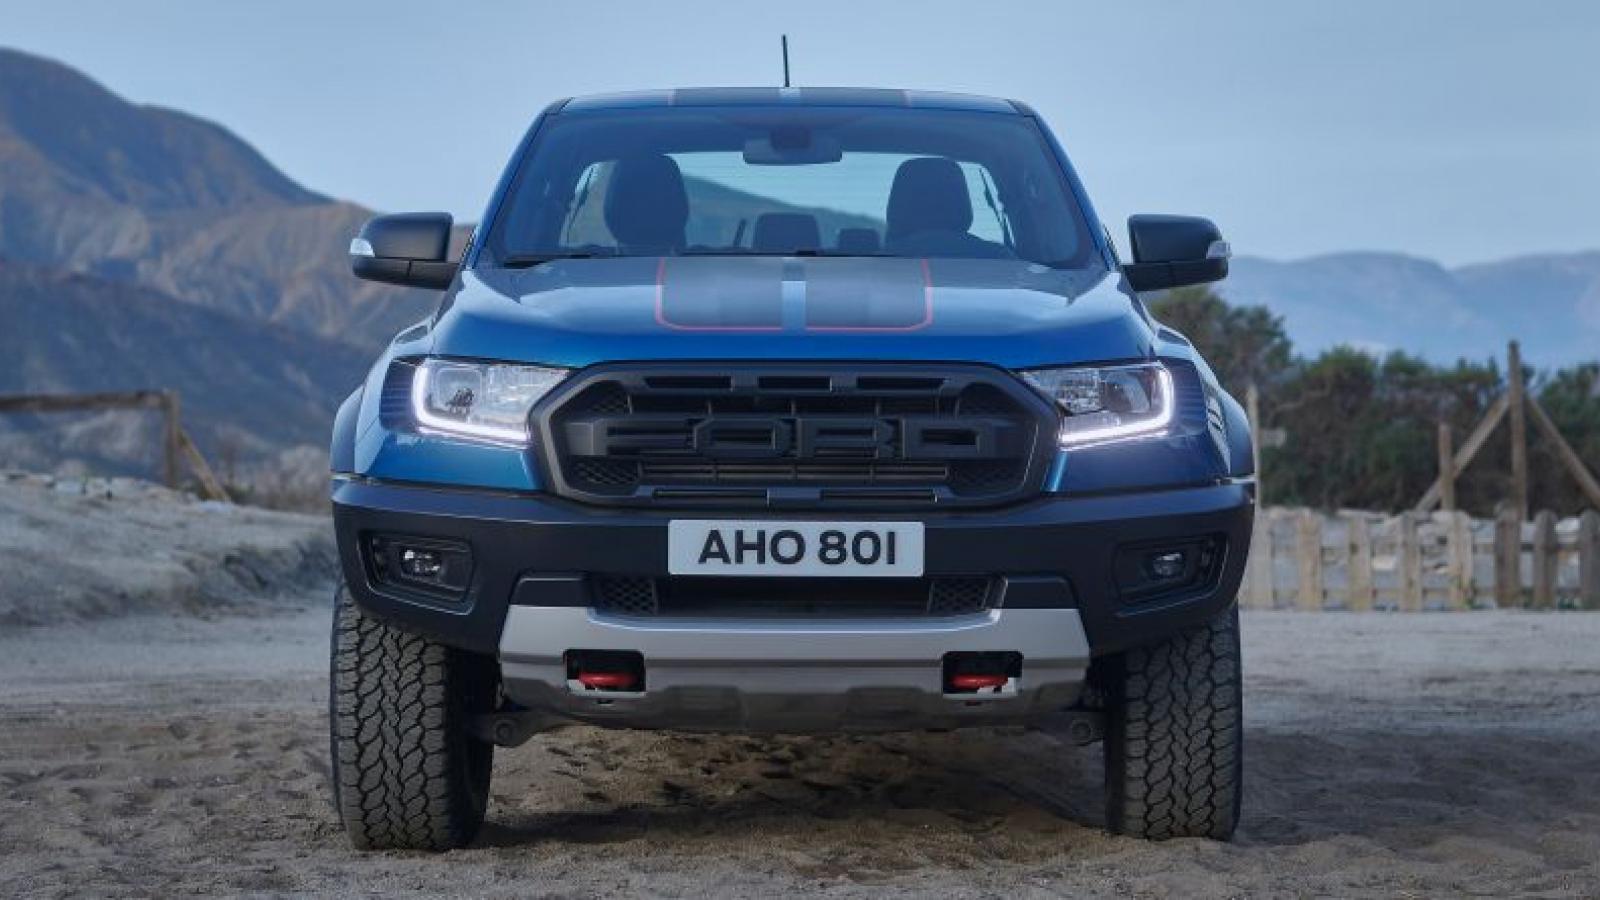 Ford Ranger Raptor thêm phiên bản giới hạn đặc biệt